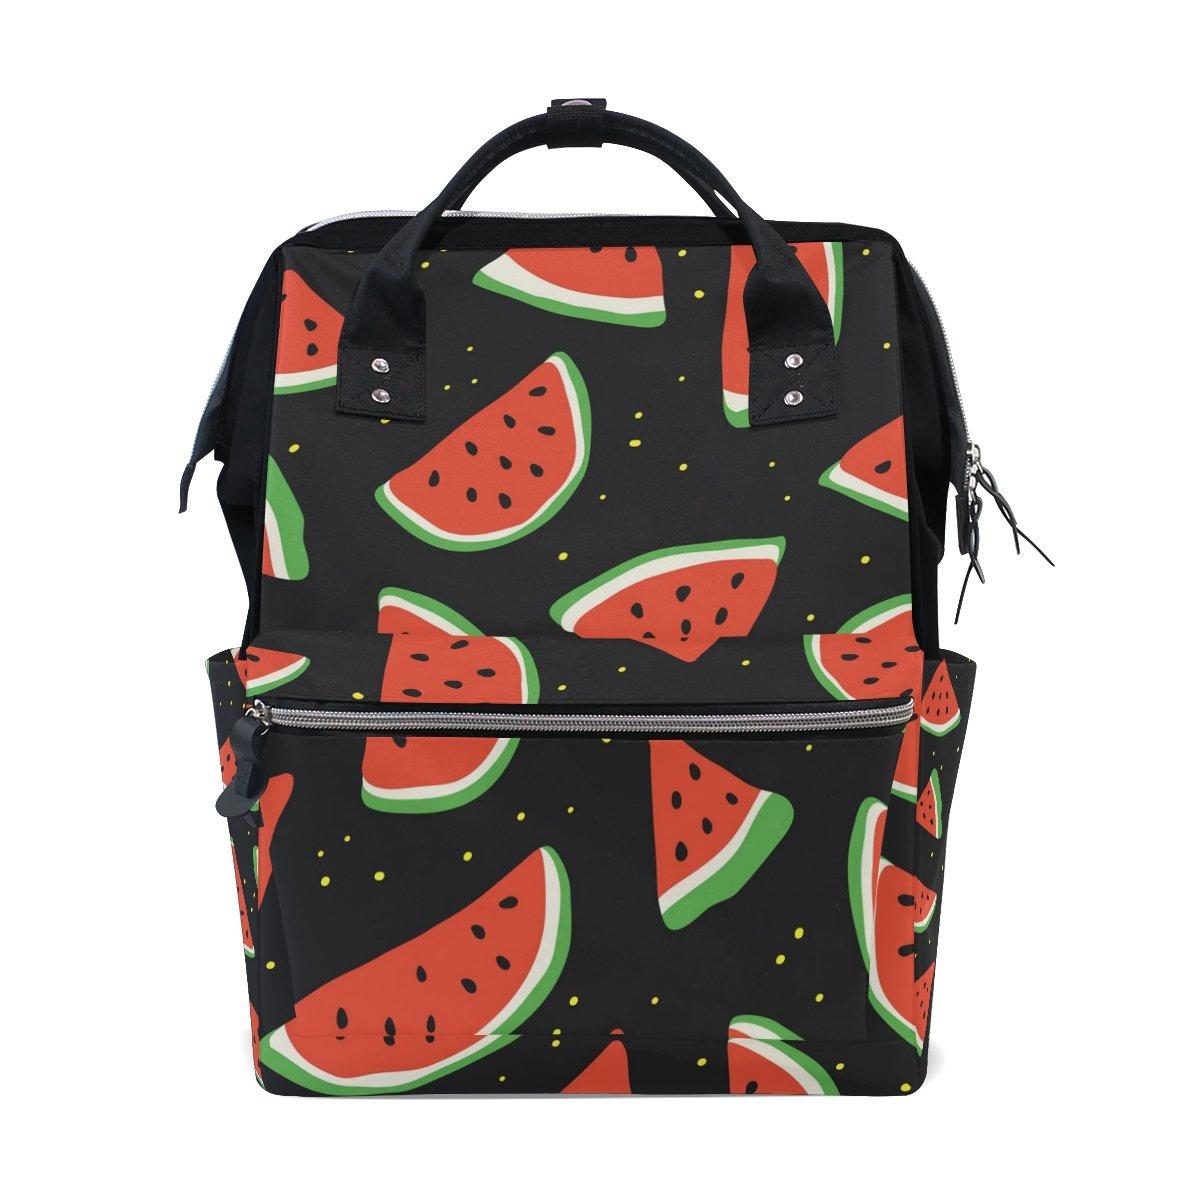 96d9aca734d9 Amazon.com: JSTEL Laptop College Bags Student Travel Watermelons ...